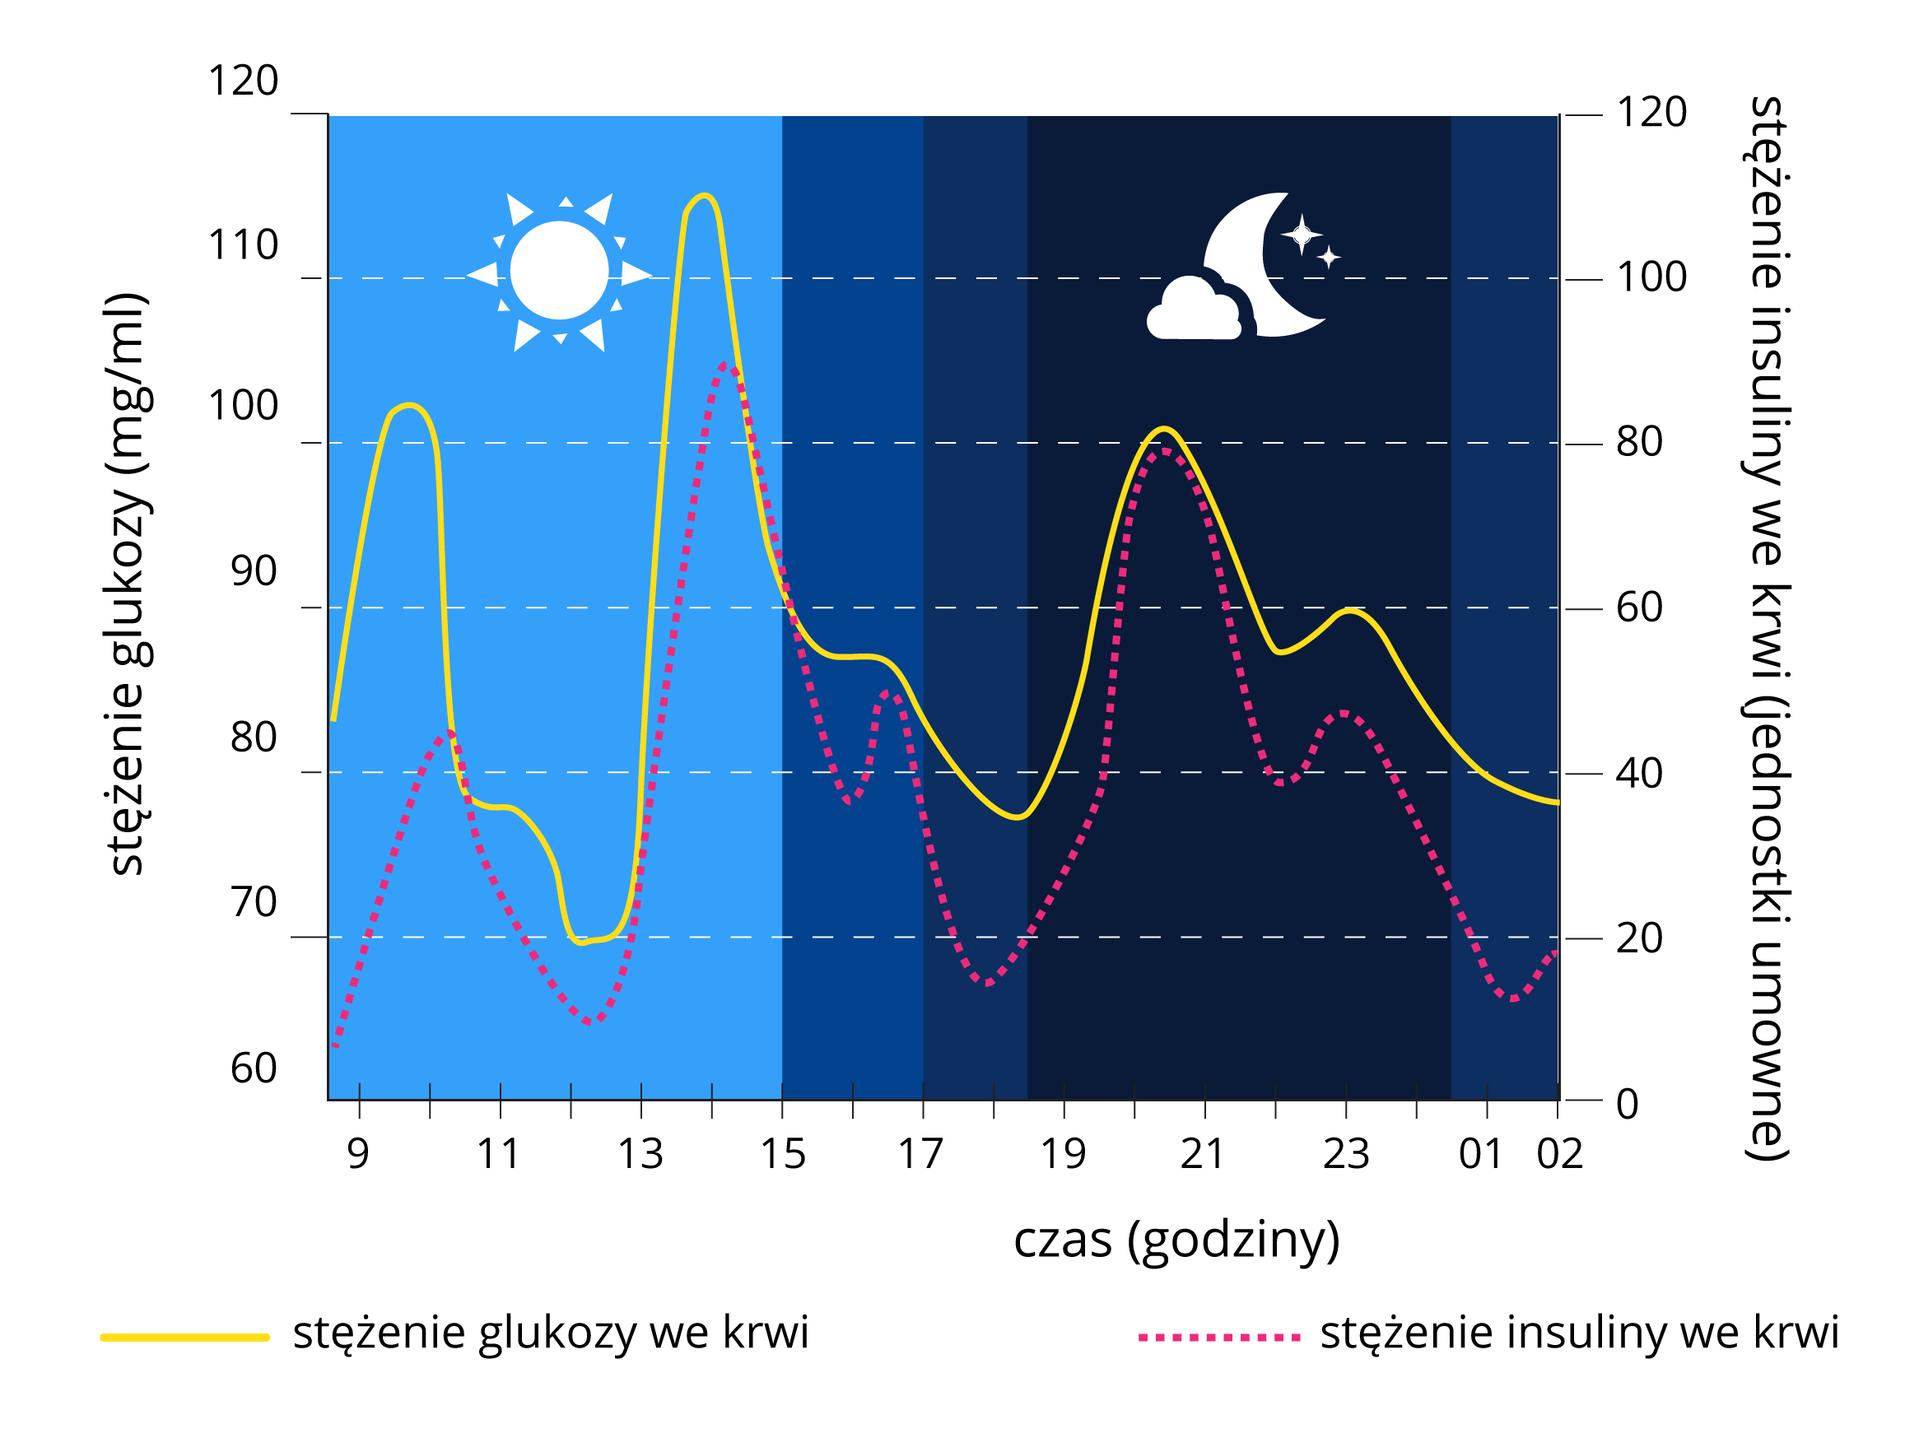 Wykres przedstawia linie na tle niebieskim zsymbolem słońca igranatowym zsymbolem księżyca. Żółta linia oznacza stężenie glukozy we krwi. Różowa kropkowana linia oznacza stężenie insuliny we krwi. Na osi Xczas wgodzinach. Na osi Yzlewej stężenie glukozy wmiligramach na mililitr, od 60 do 120. Zprawej skala stężenia glukozy we krwi wjednostkach umownych od 0 do 120.